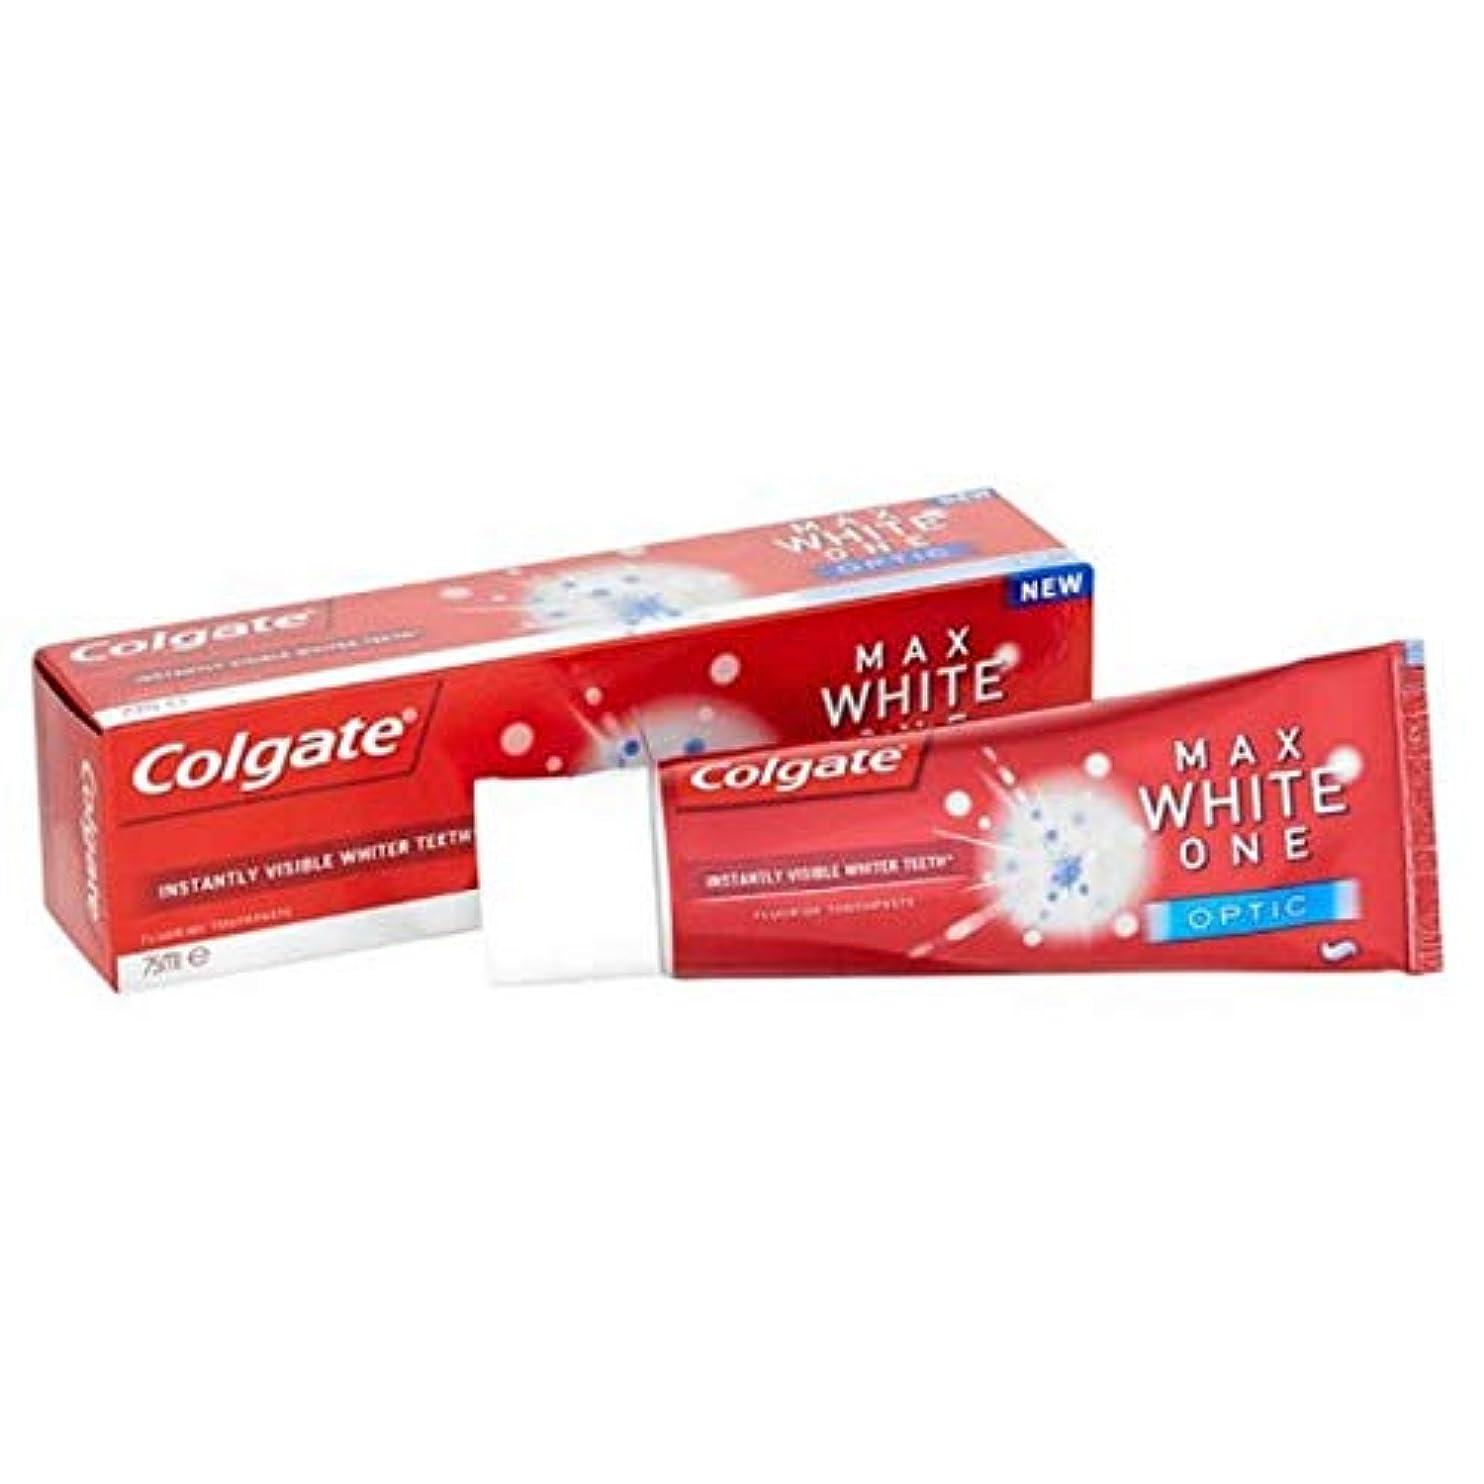 オールクライストチャーチ辞任[Colgate ] コルゲート最大白1つの光学歯磨き粉25ミリリットル - Colgate Max White One Optic Toothpaste 25ml [並行輸入品]